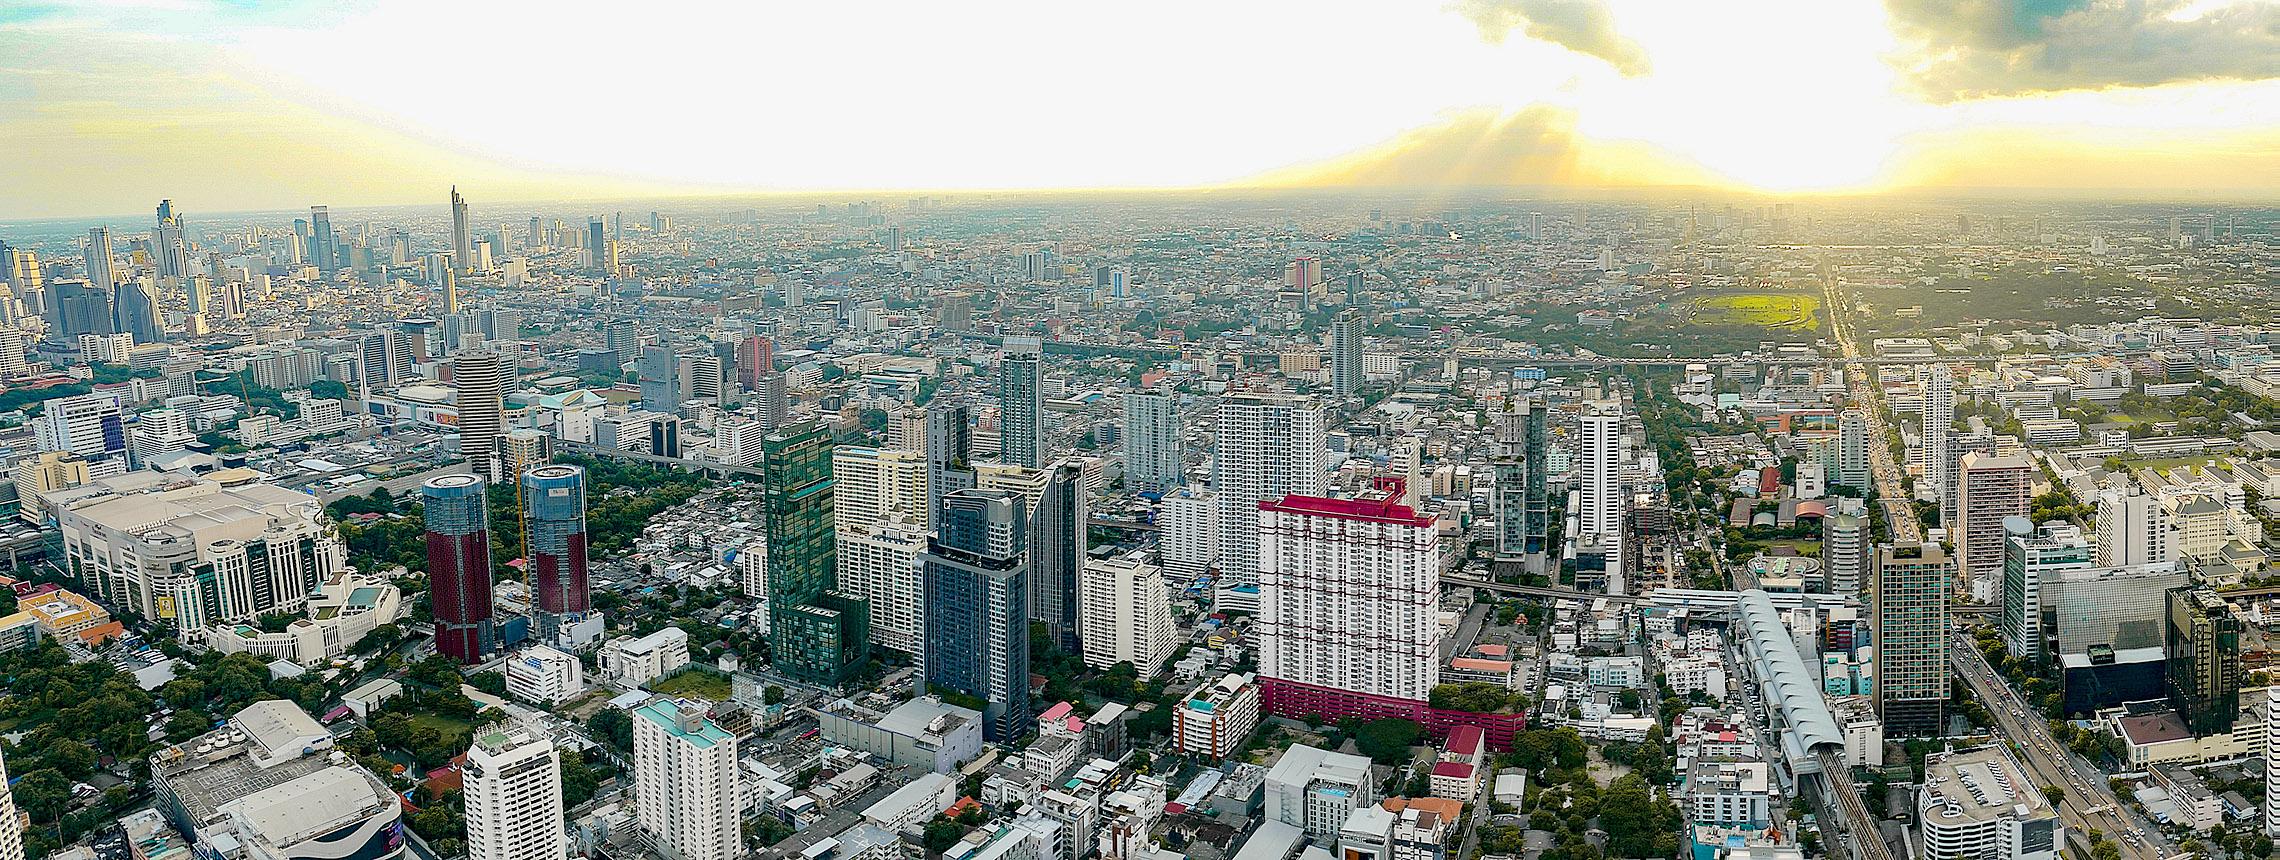 Bangkok Panorama 03 sm by Old Pink.jpg